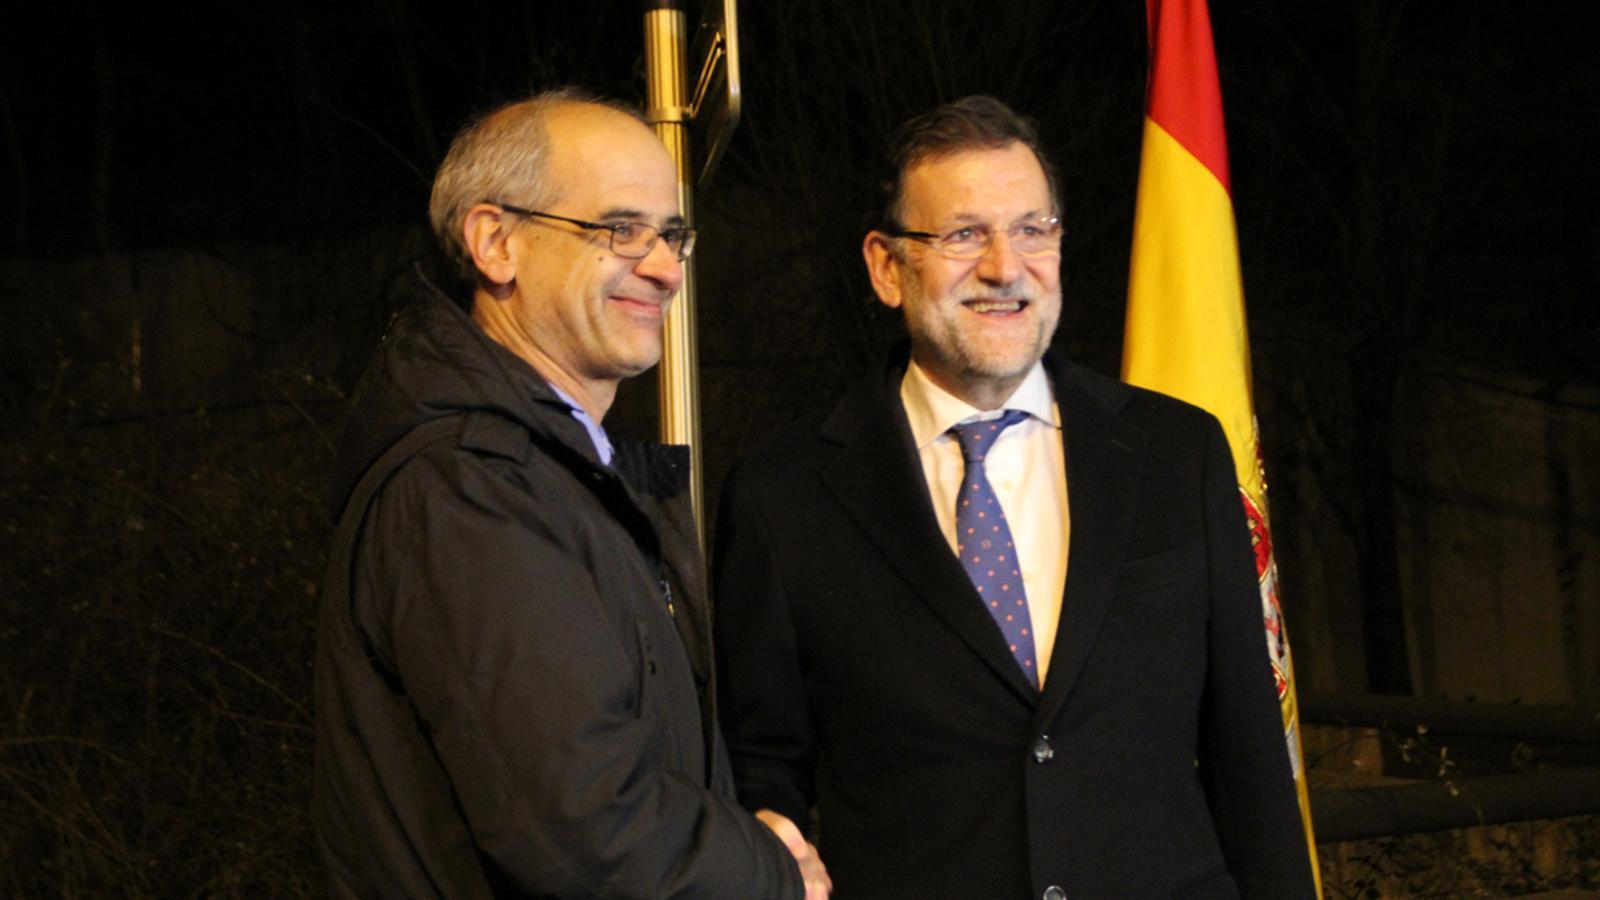 Salutació entre Toni Martí i Mariano Rajoy a la frontera del Riu Runer./N.M. (ANA)